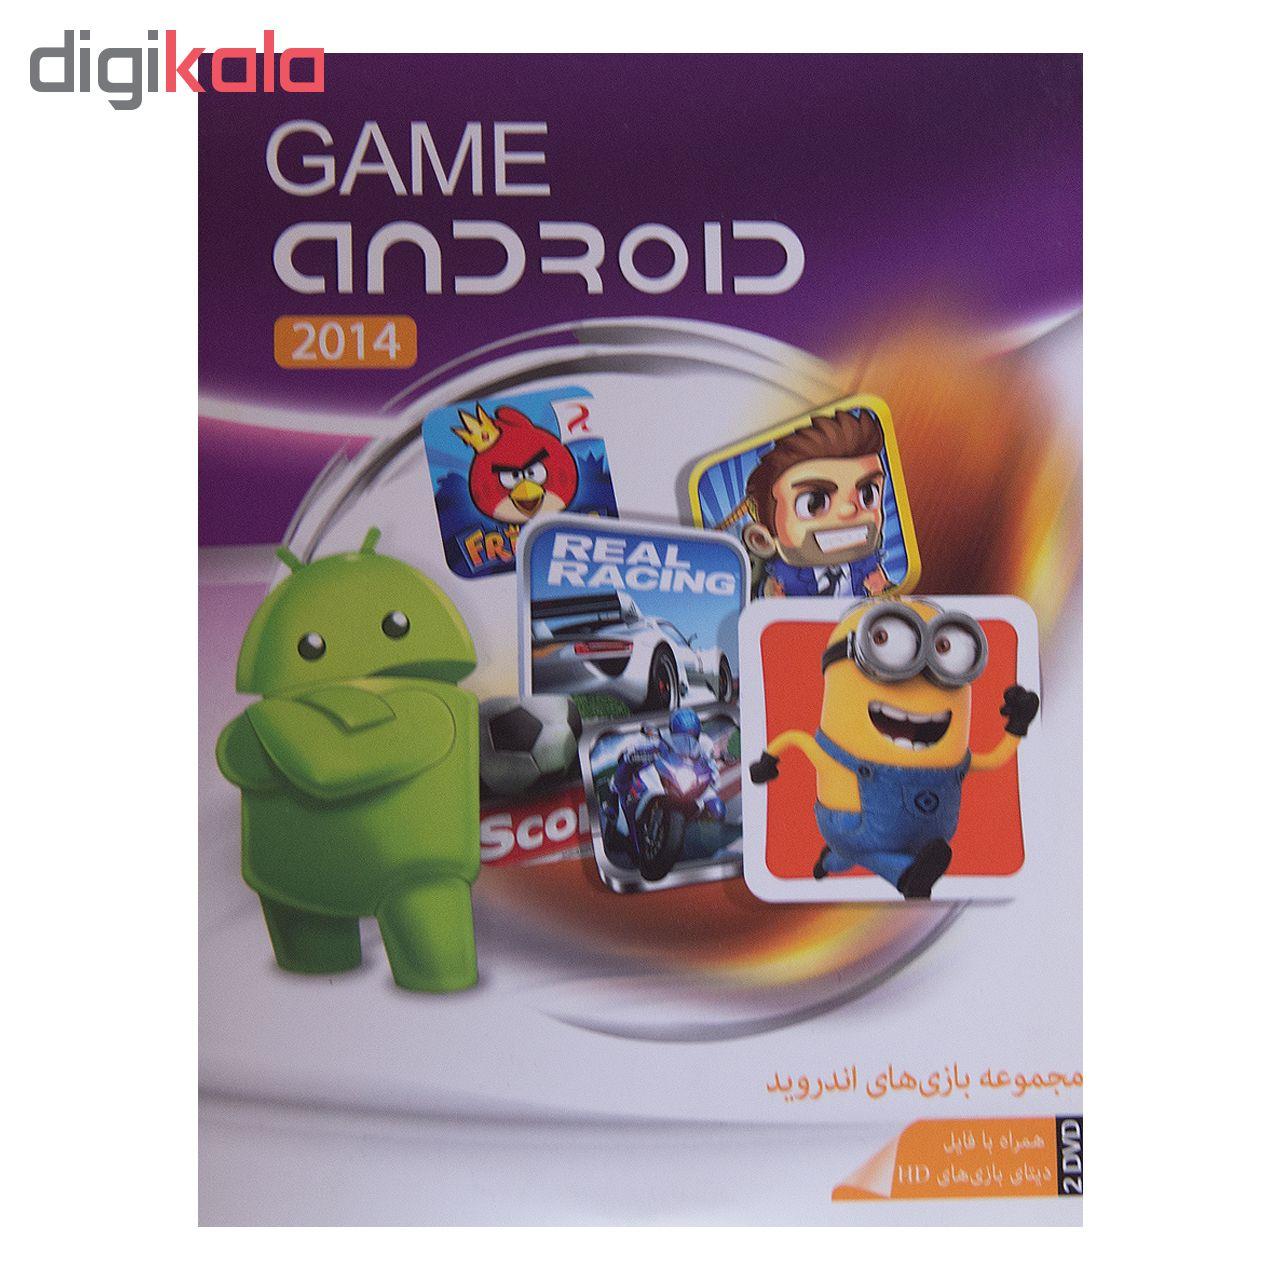 خرید اینترنتی مجموعه بازی اندروید نشر رایان حساب ماهان اورجینال